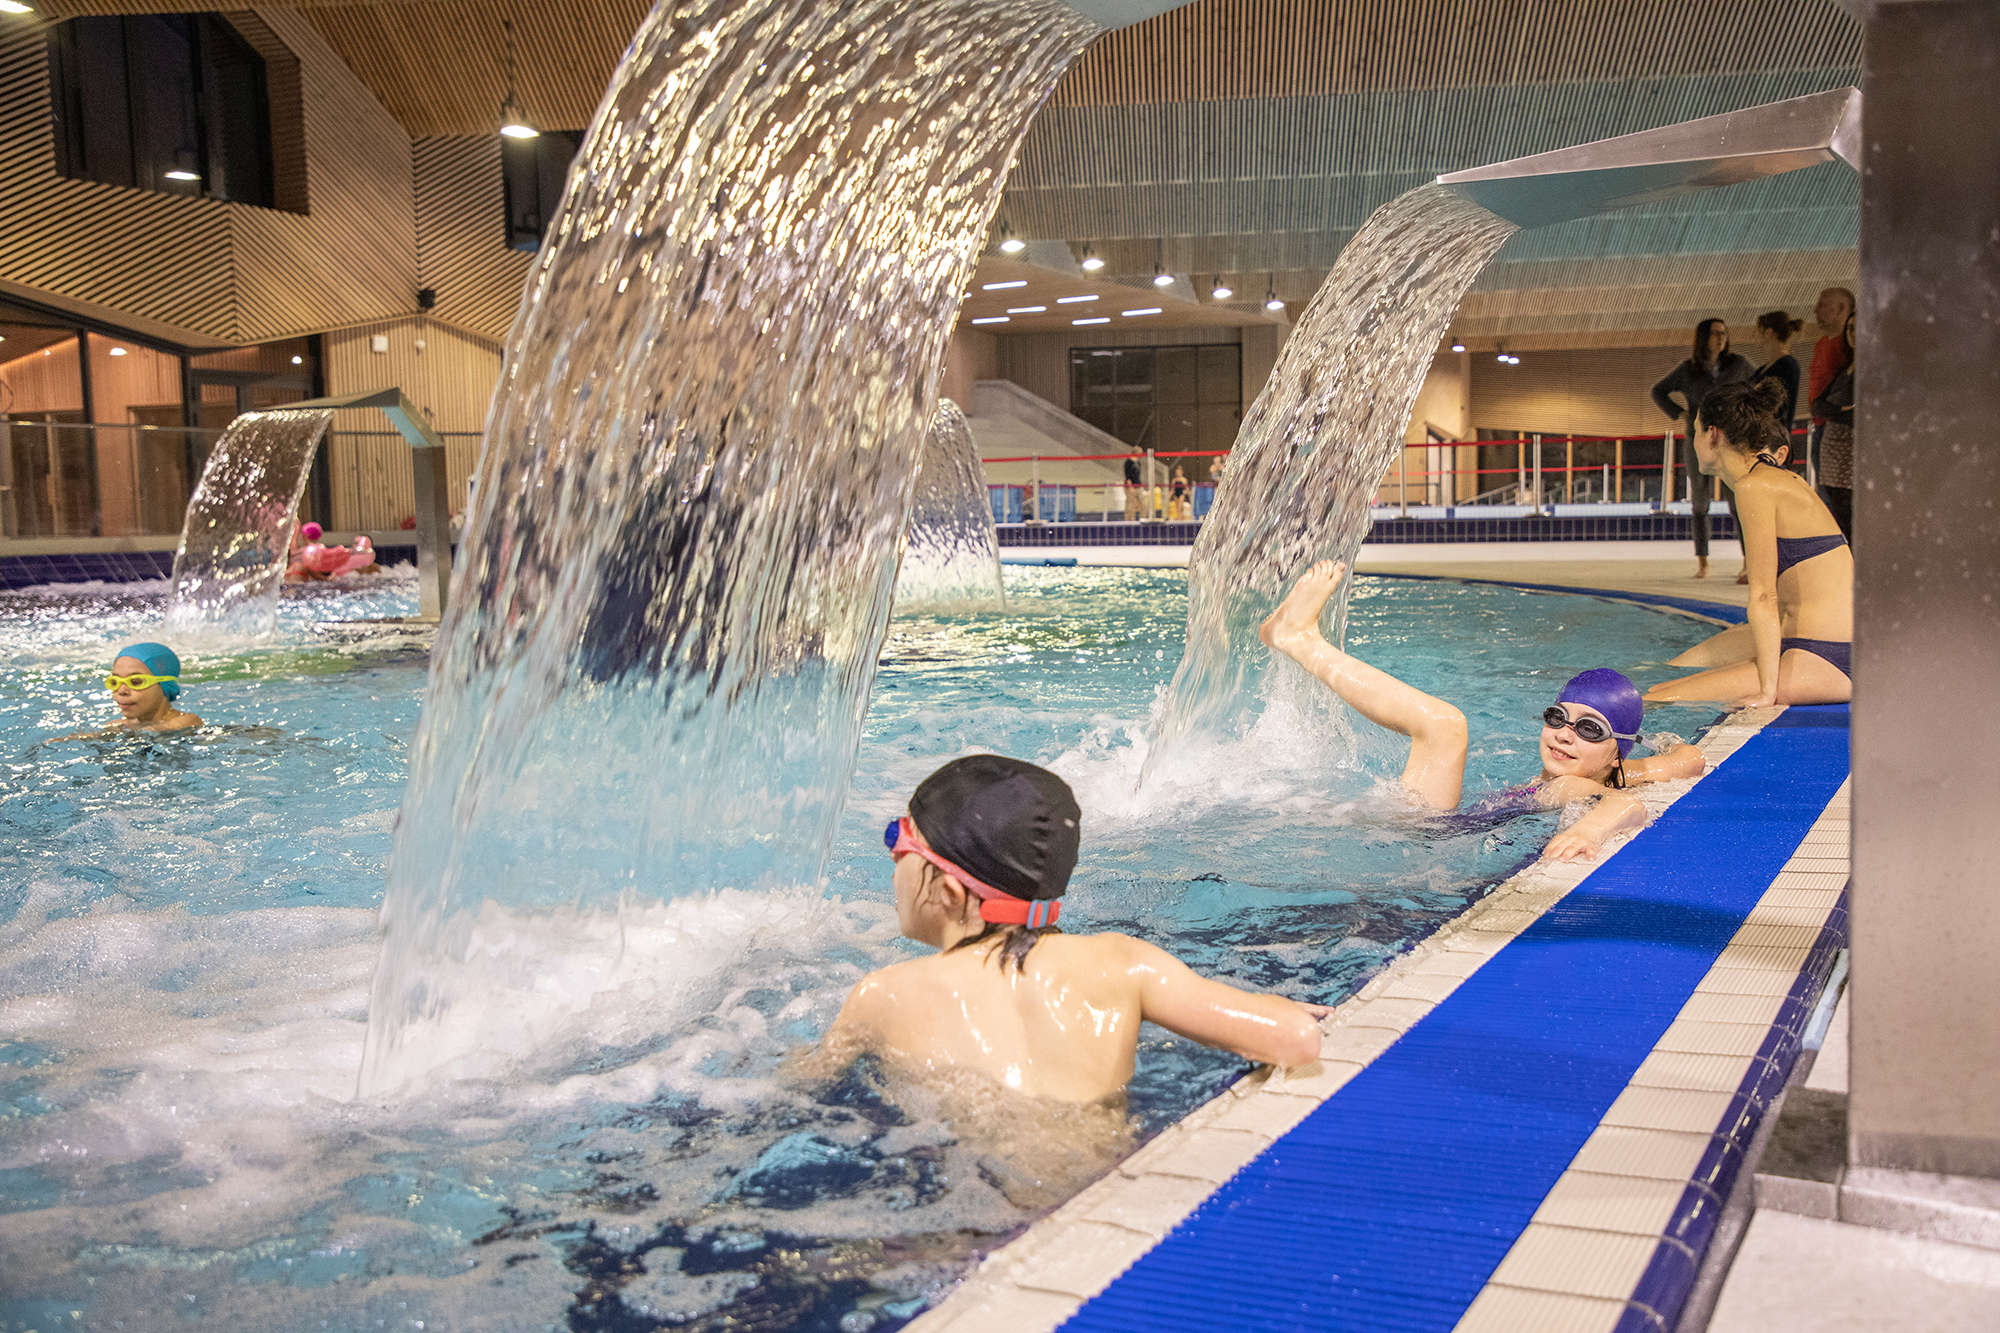 Piscine Aqualudique Du Stade De Chambéry - Grand Chambéry concernant Piscine Chambery